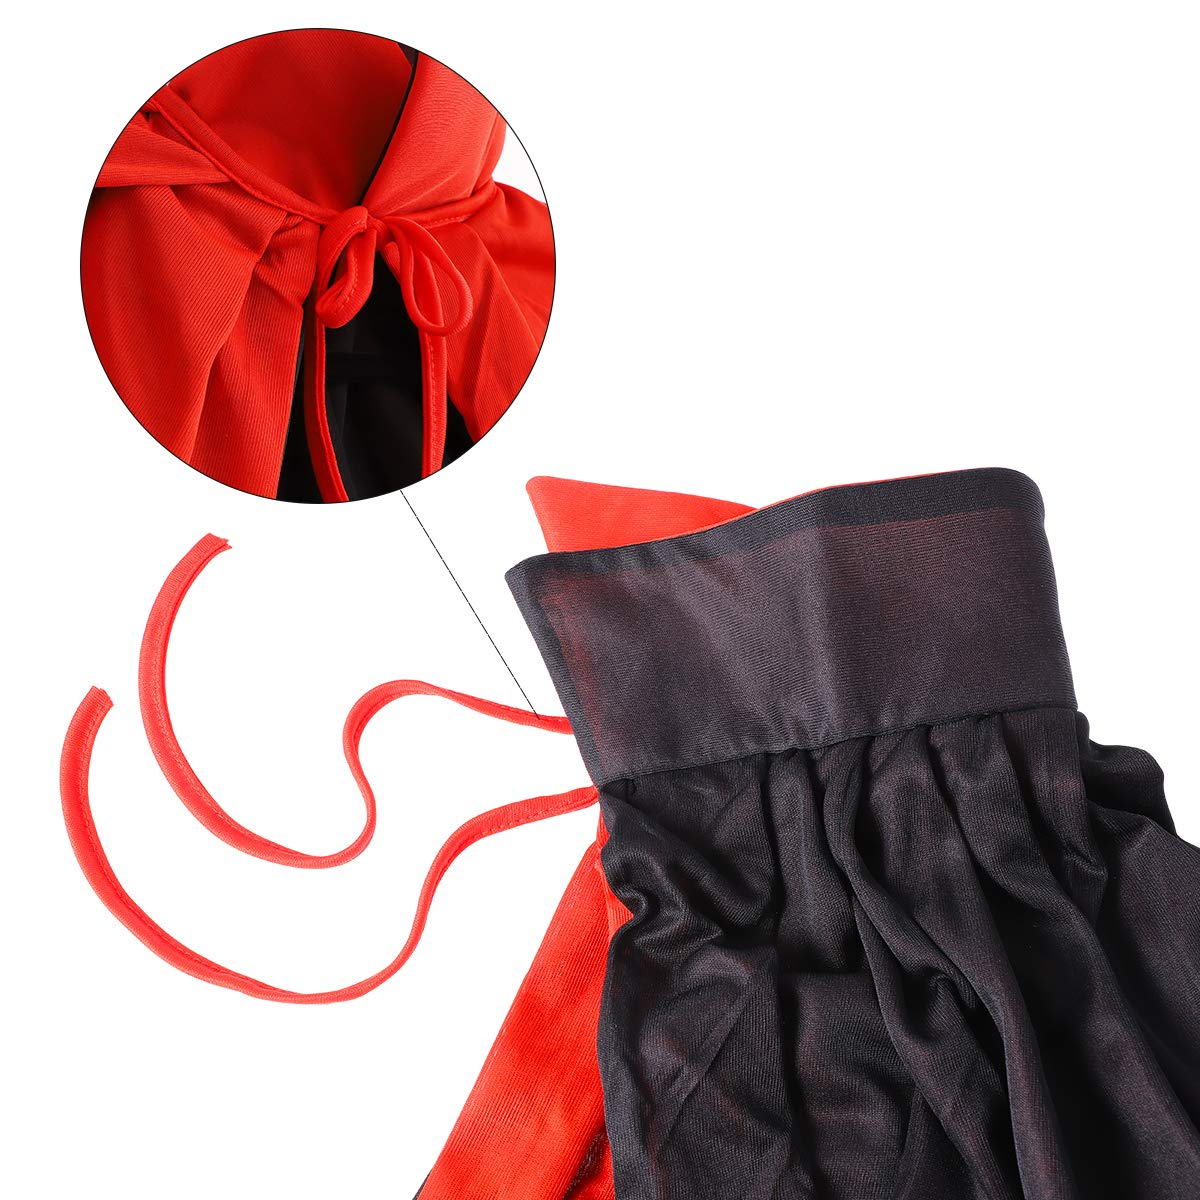 Vosarea 1.4m Cool Stand a Doppio Strato Collare Mantello per Adulti Mantello Cosplay Mantello Prop per Halloween Masquerade Nero e Rosso